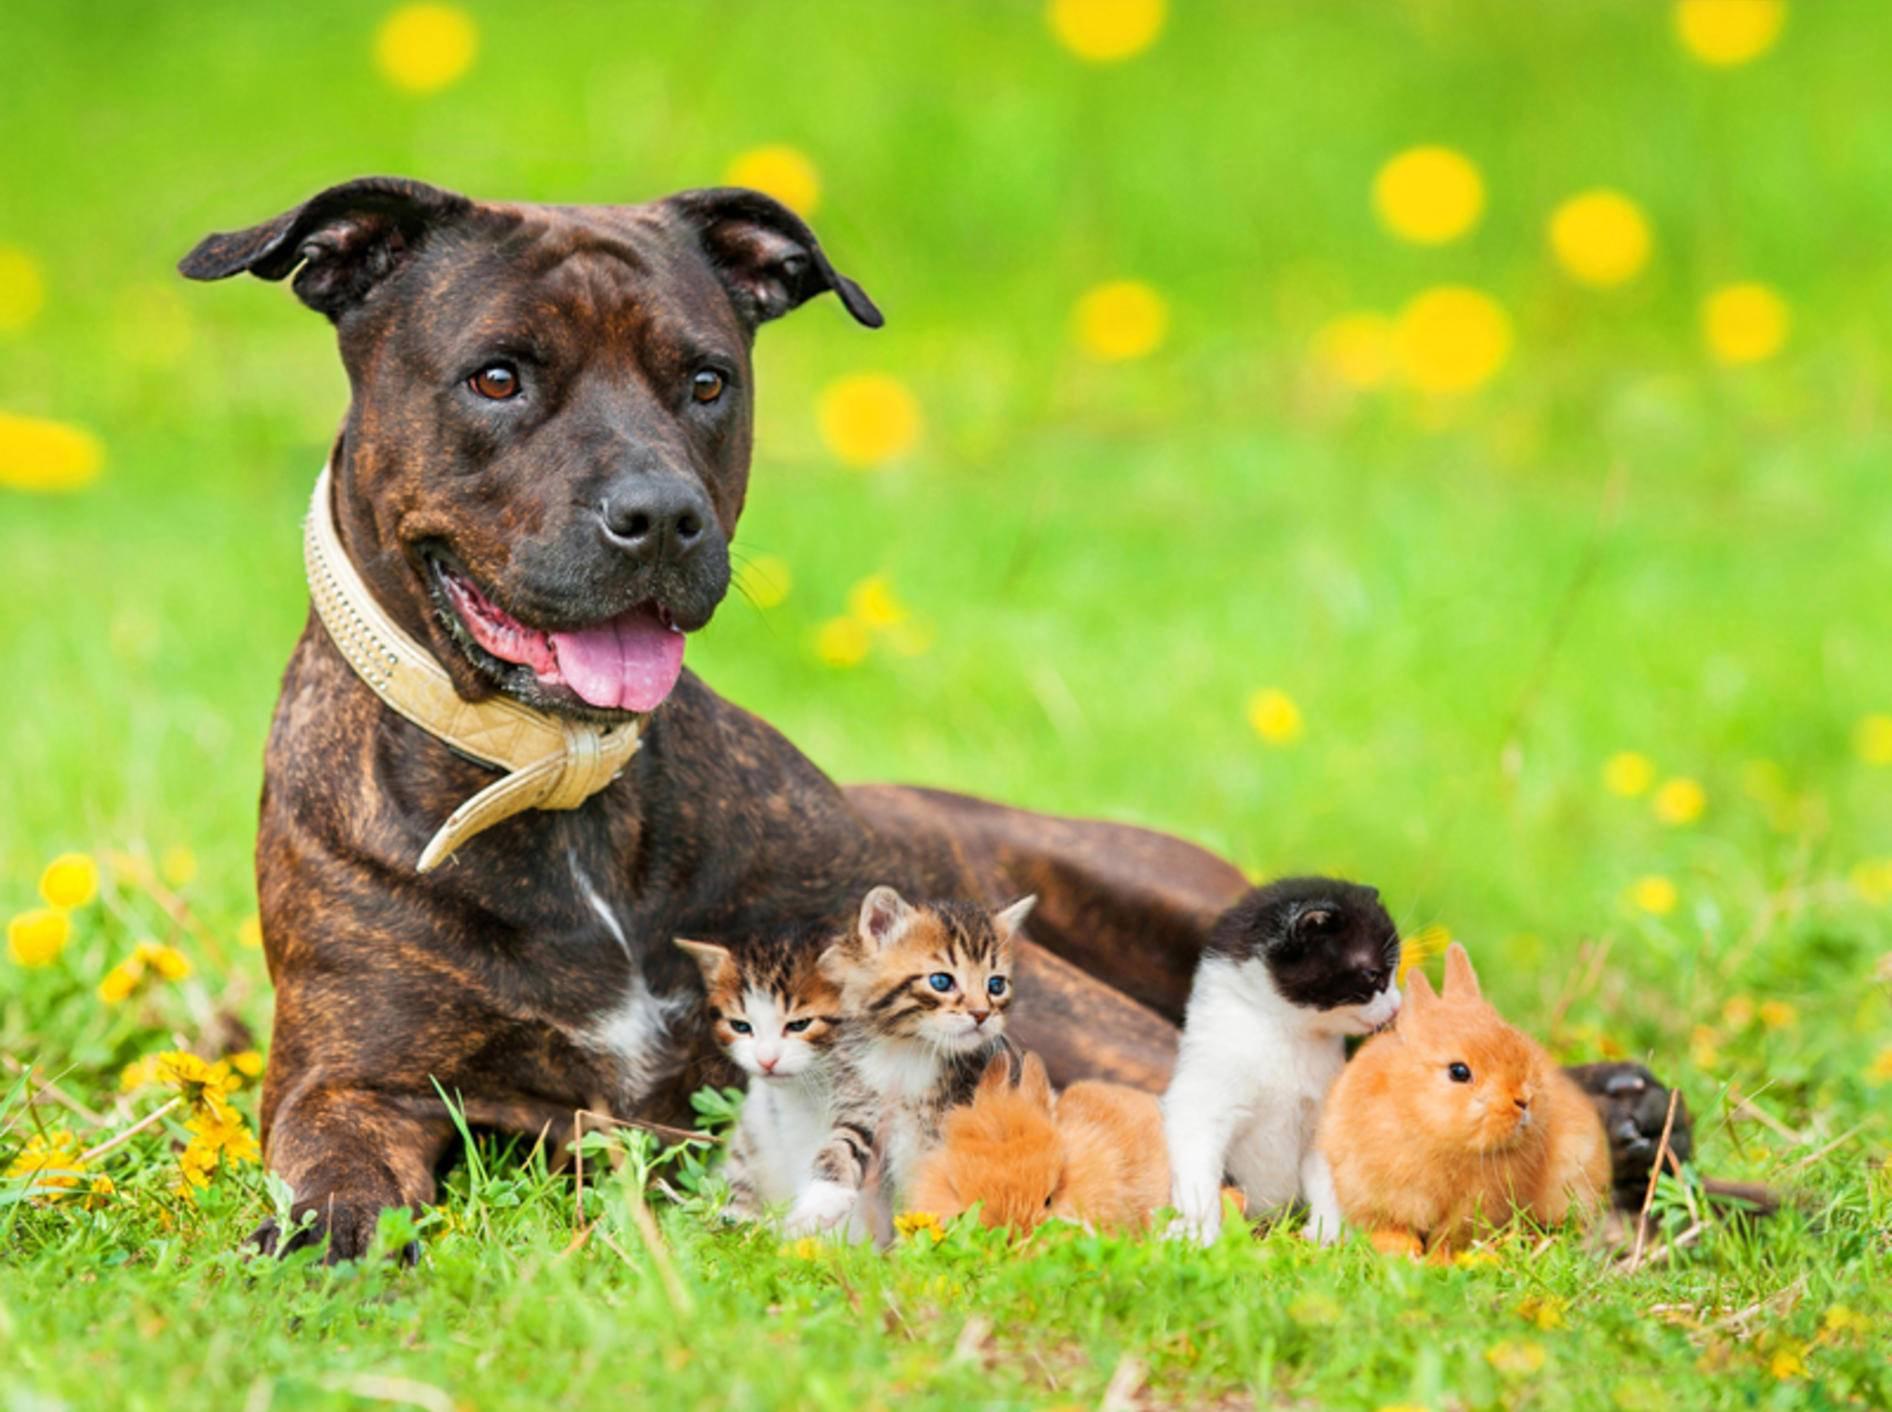 Hund, Katze oder Kleintier: Welcher tierische Freund ist für Sie perfekt? – Shutterstock / Rita Kochmarjova